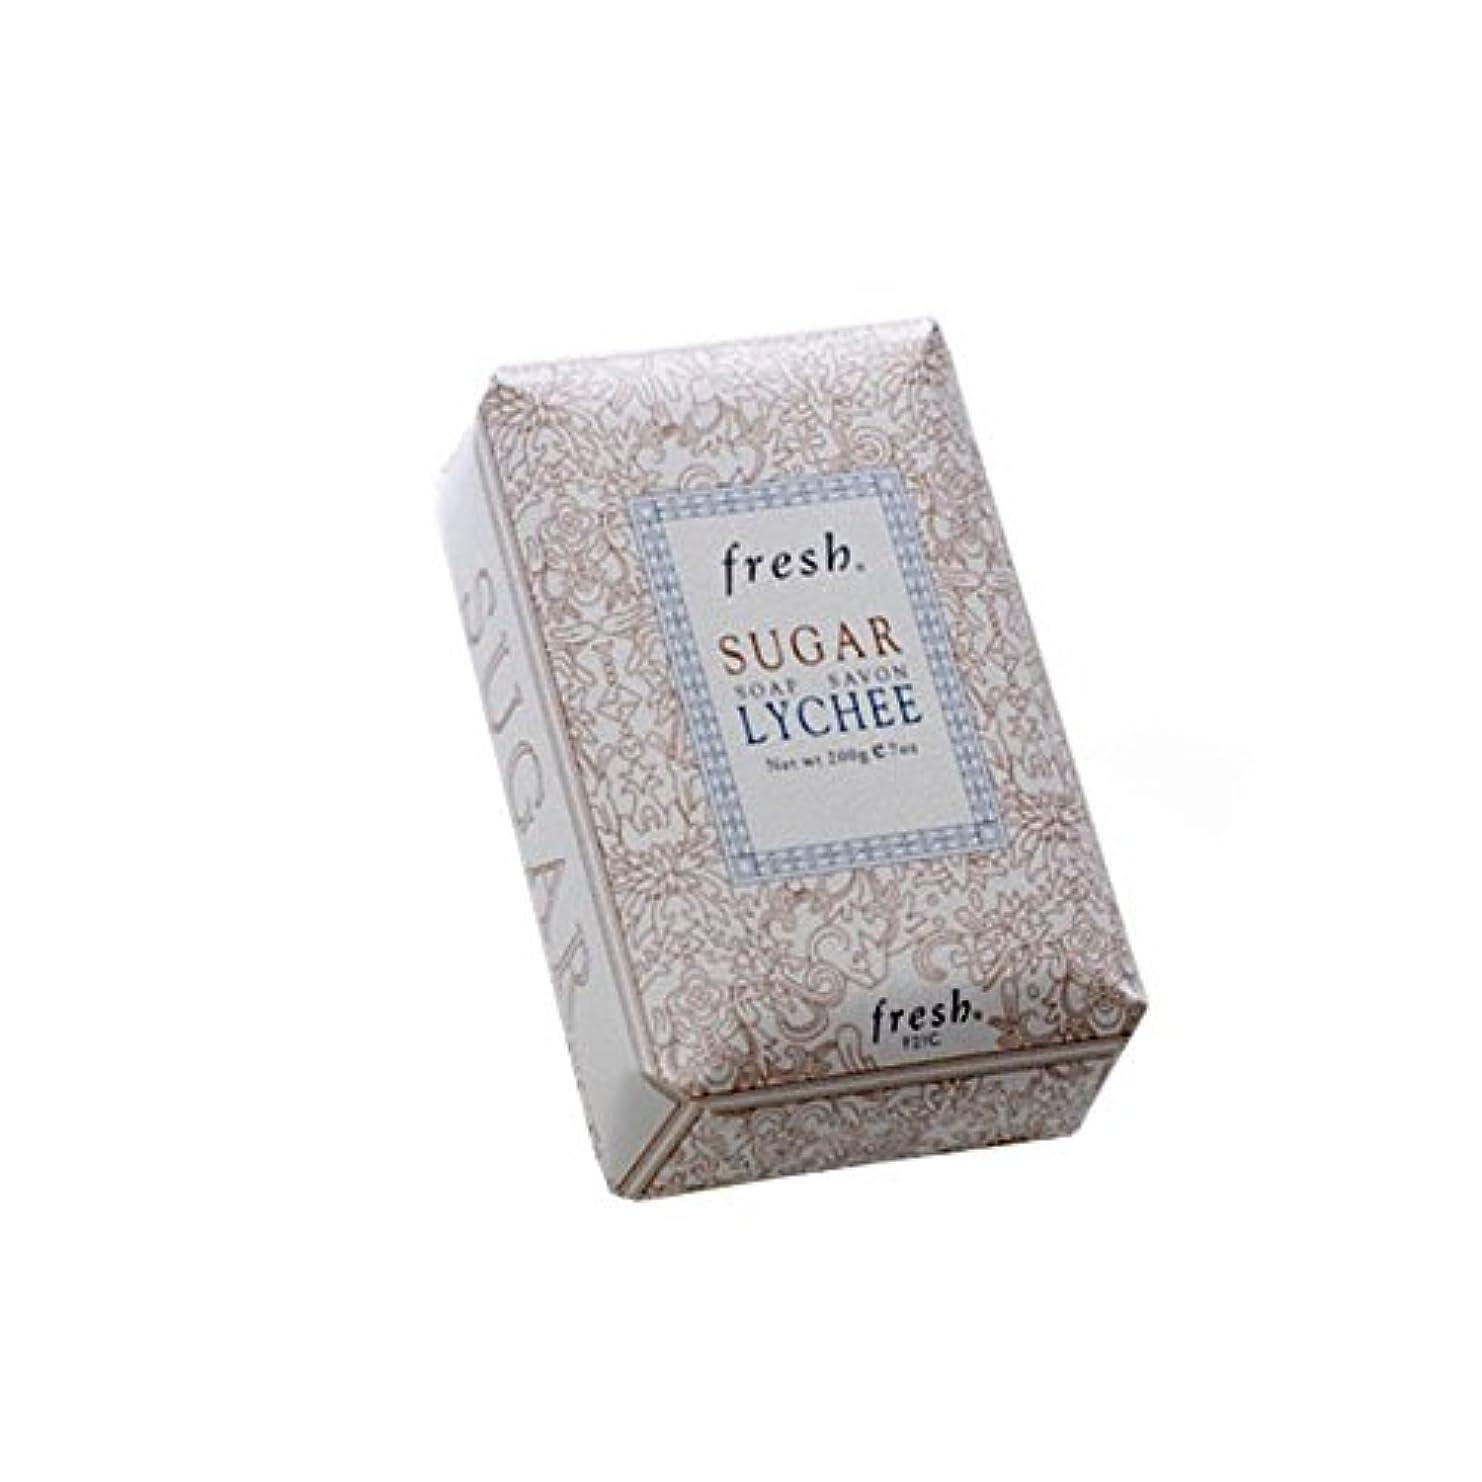 流暢お願いします埋めるFresh フレッシュ シュガーライチ石鹸 Sugar Lychee Soap, 200g/7oz [海外直送品] [並行輸入品]